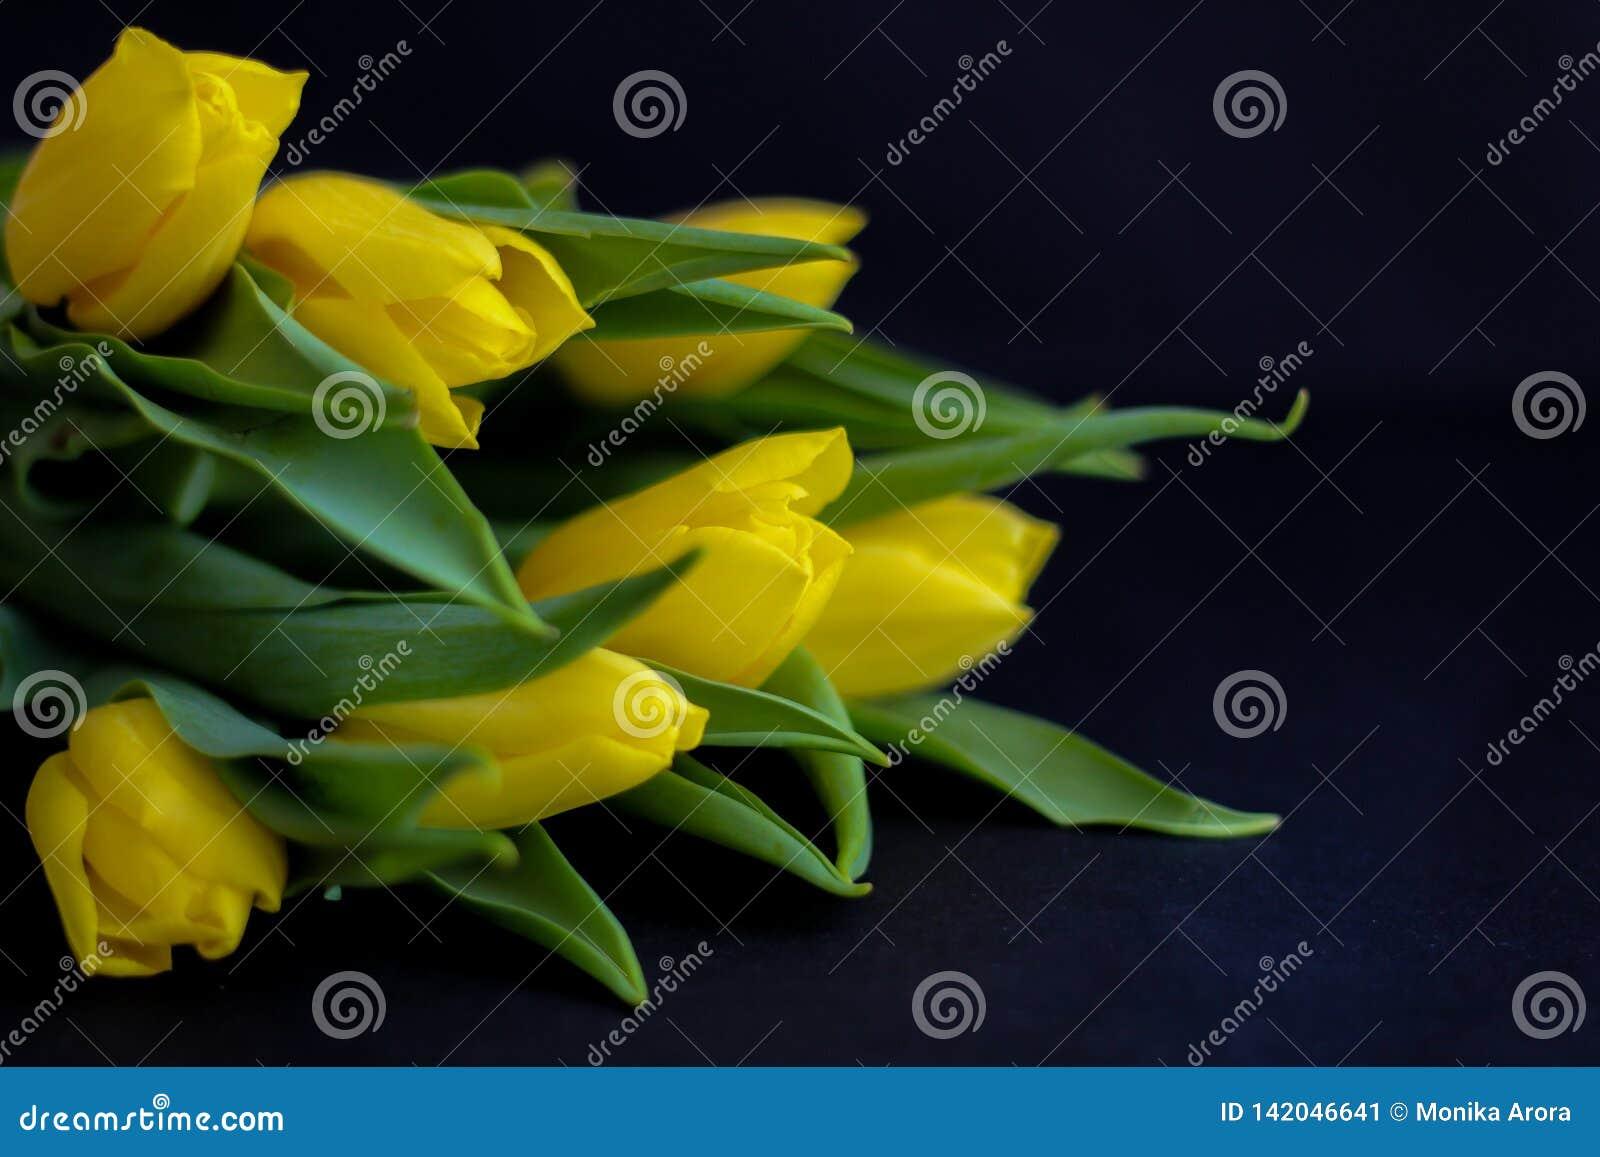 Цветки весны - концепция идеальная для социальных средств массовой информации